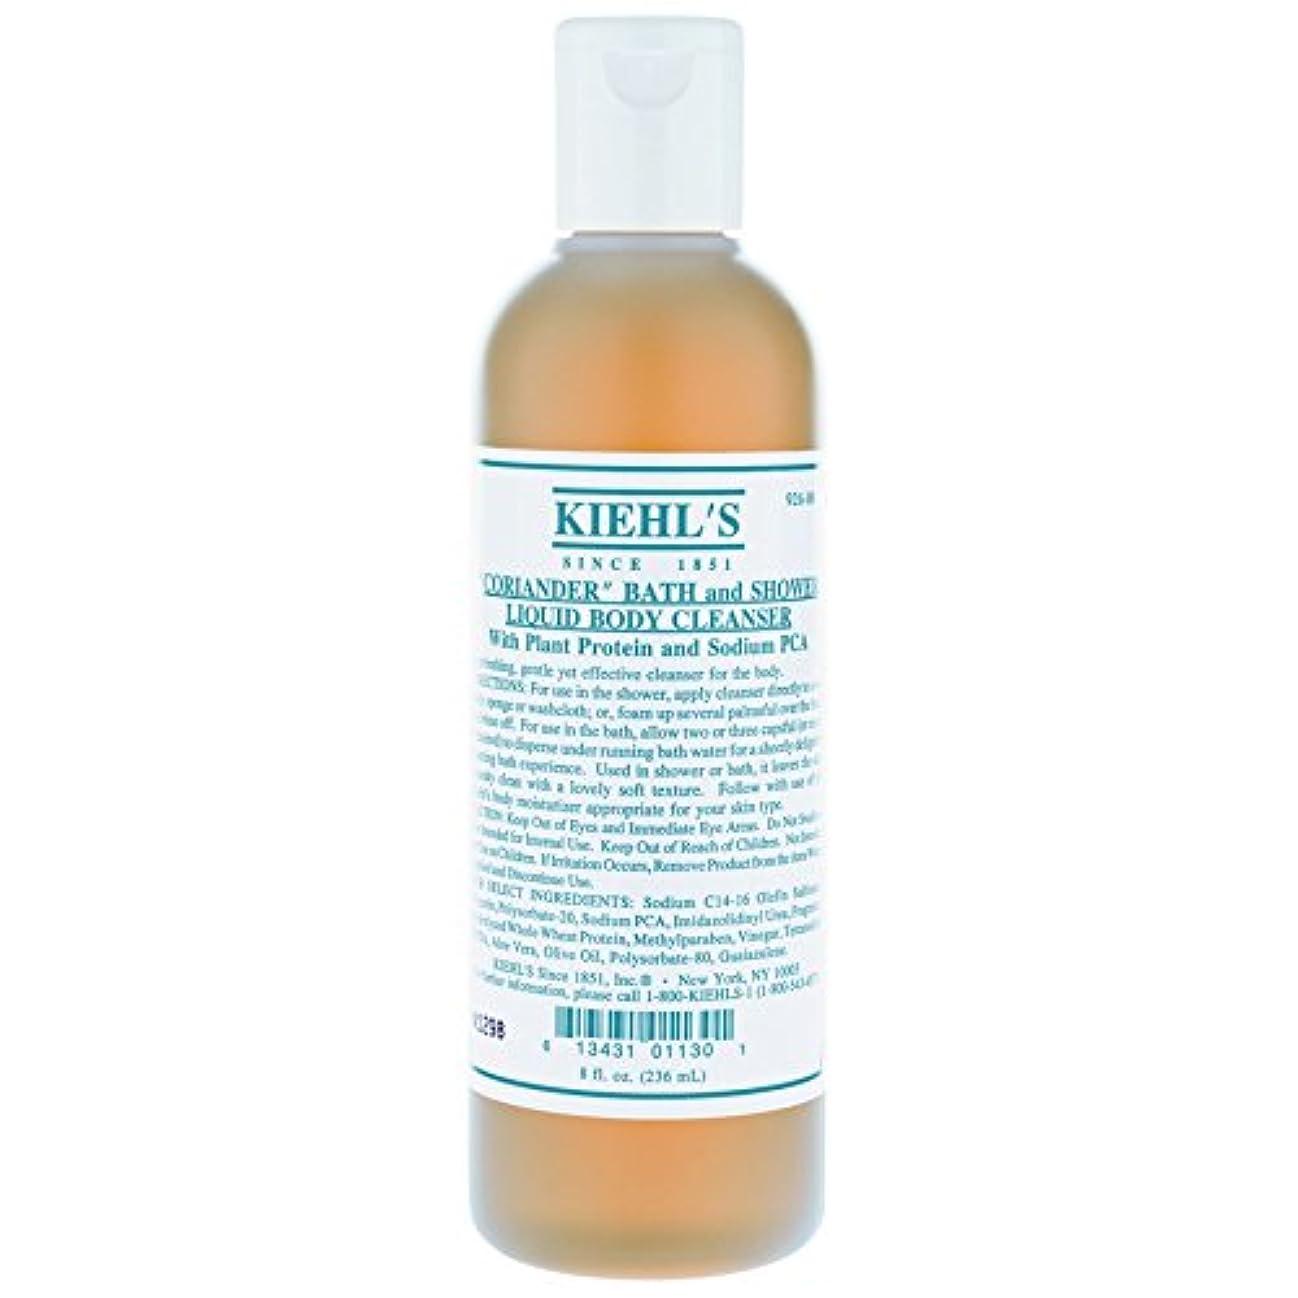 霜はさみ最大限[Kiehl's] キールズコリアンダーバス&シャワー液体ボディクレンザー500ミリリットル - Kiehl's Coriander Bath & Shower Liquid Body Cleanser 500ml [並行輸入品]